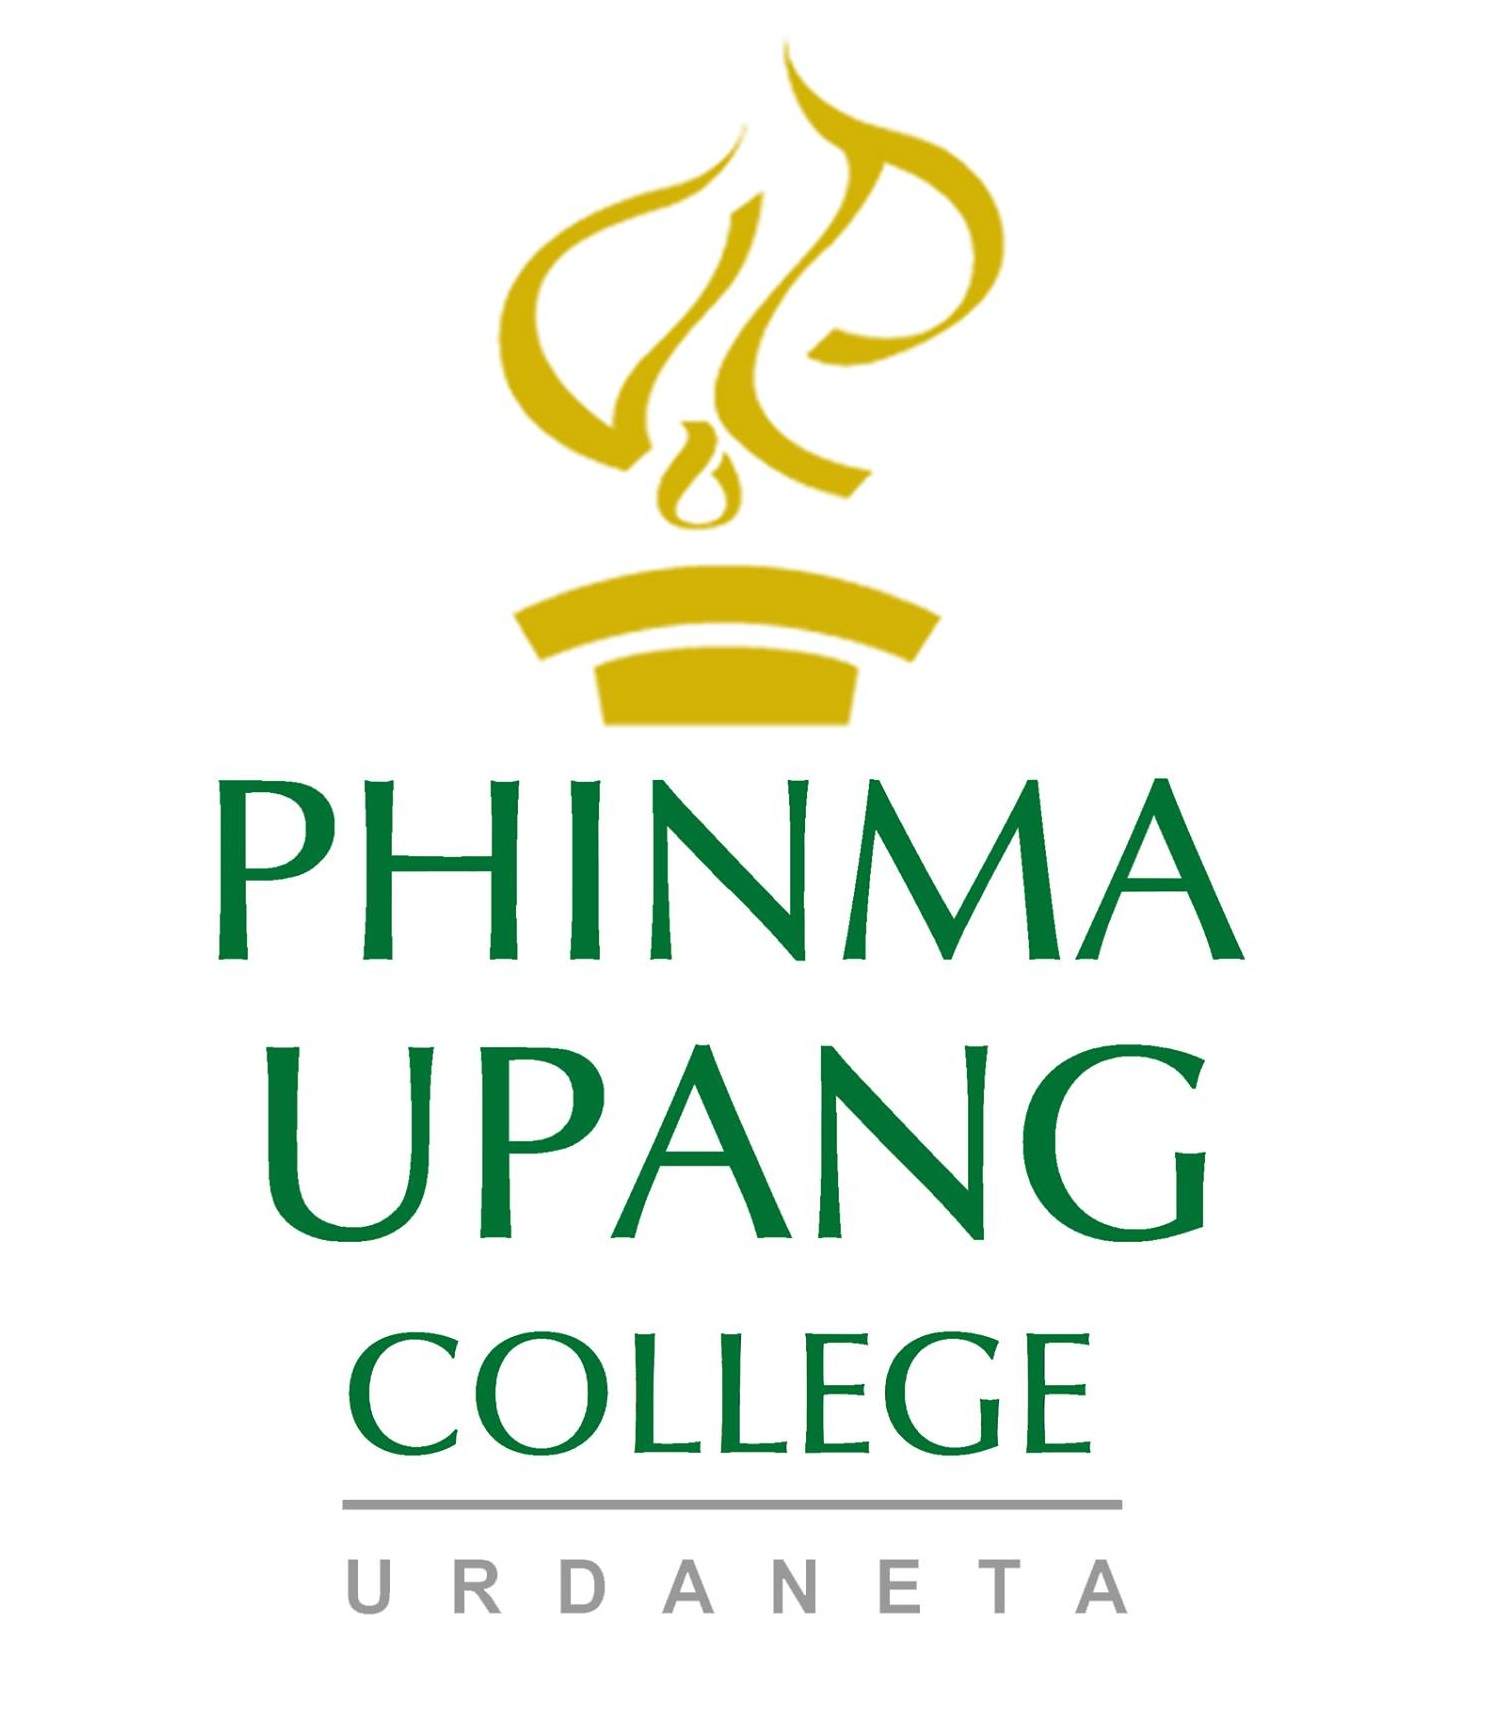 PHINMA Upang College Urdaneta Logo